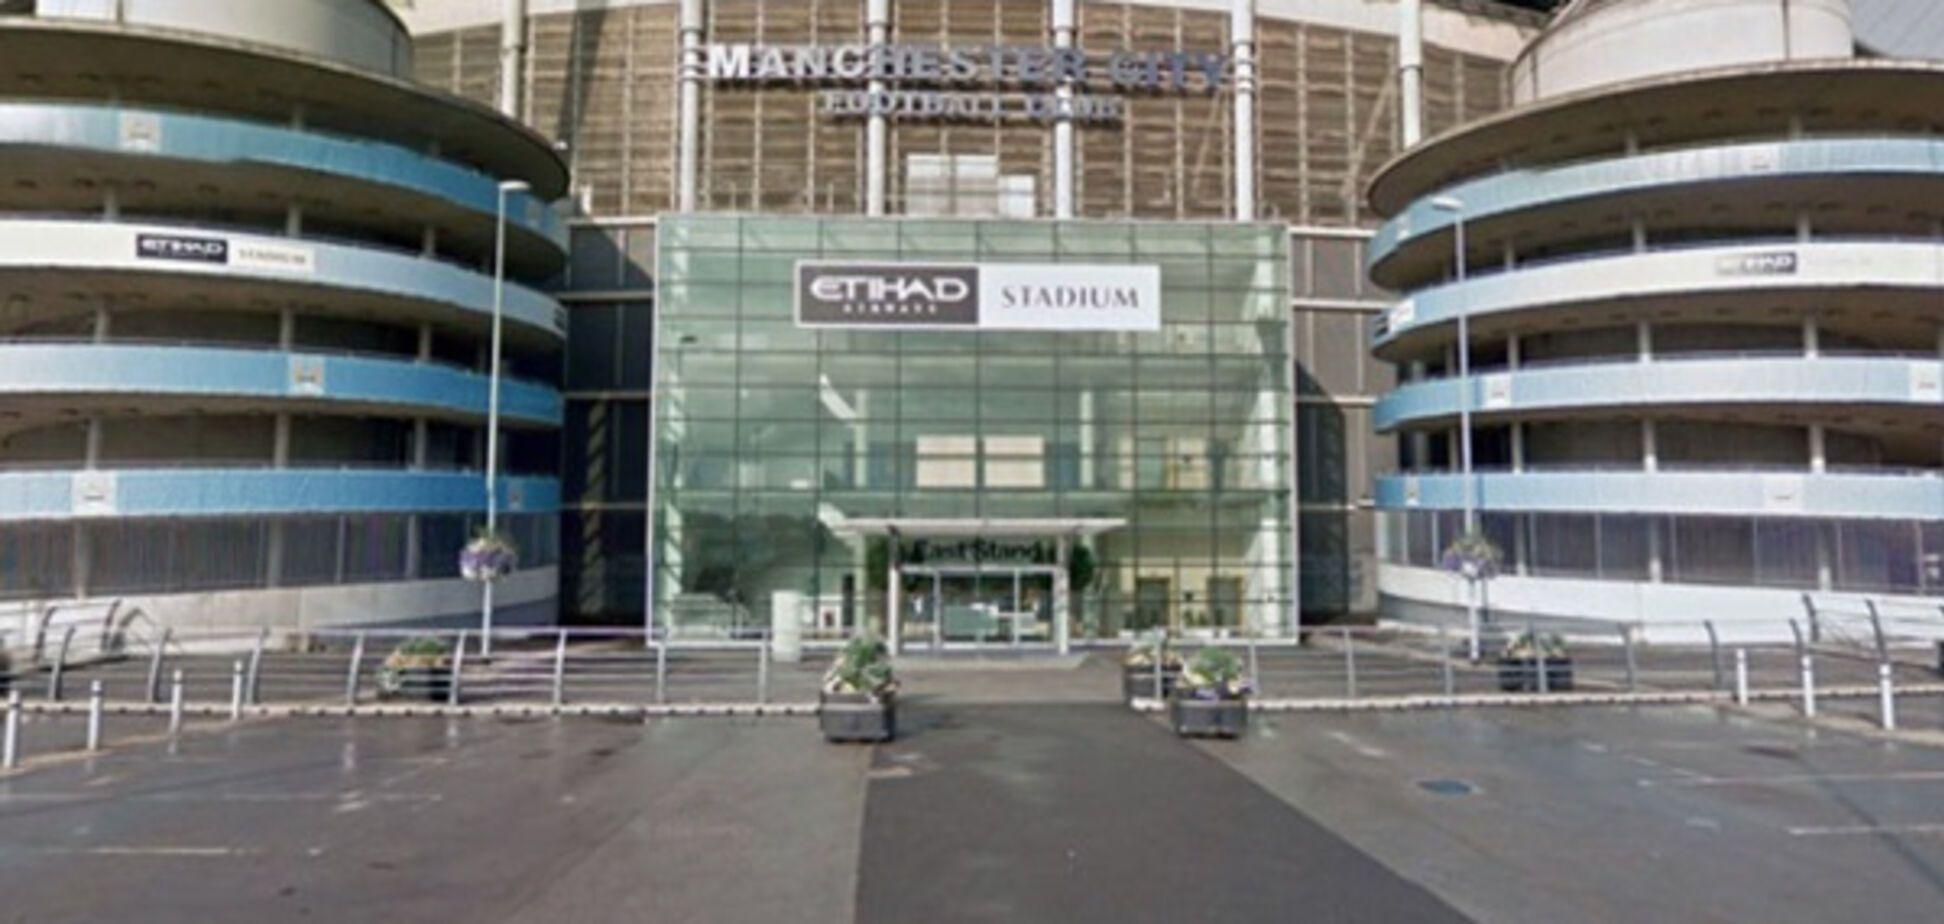 Парковка у стадиона в Манчестере